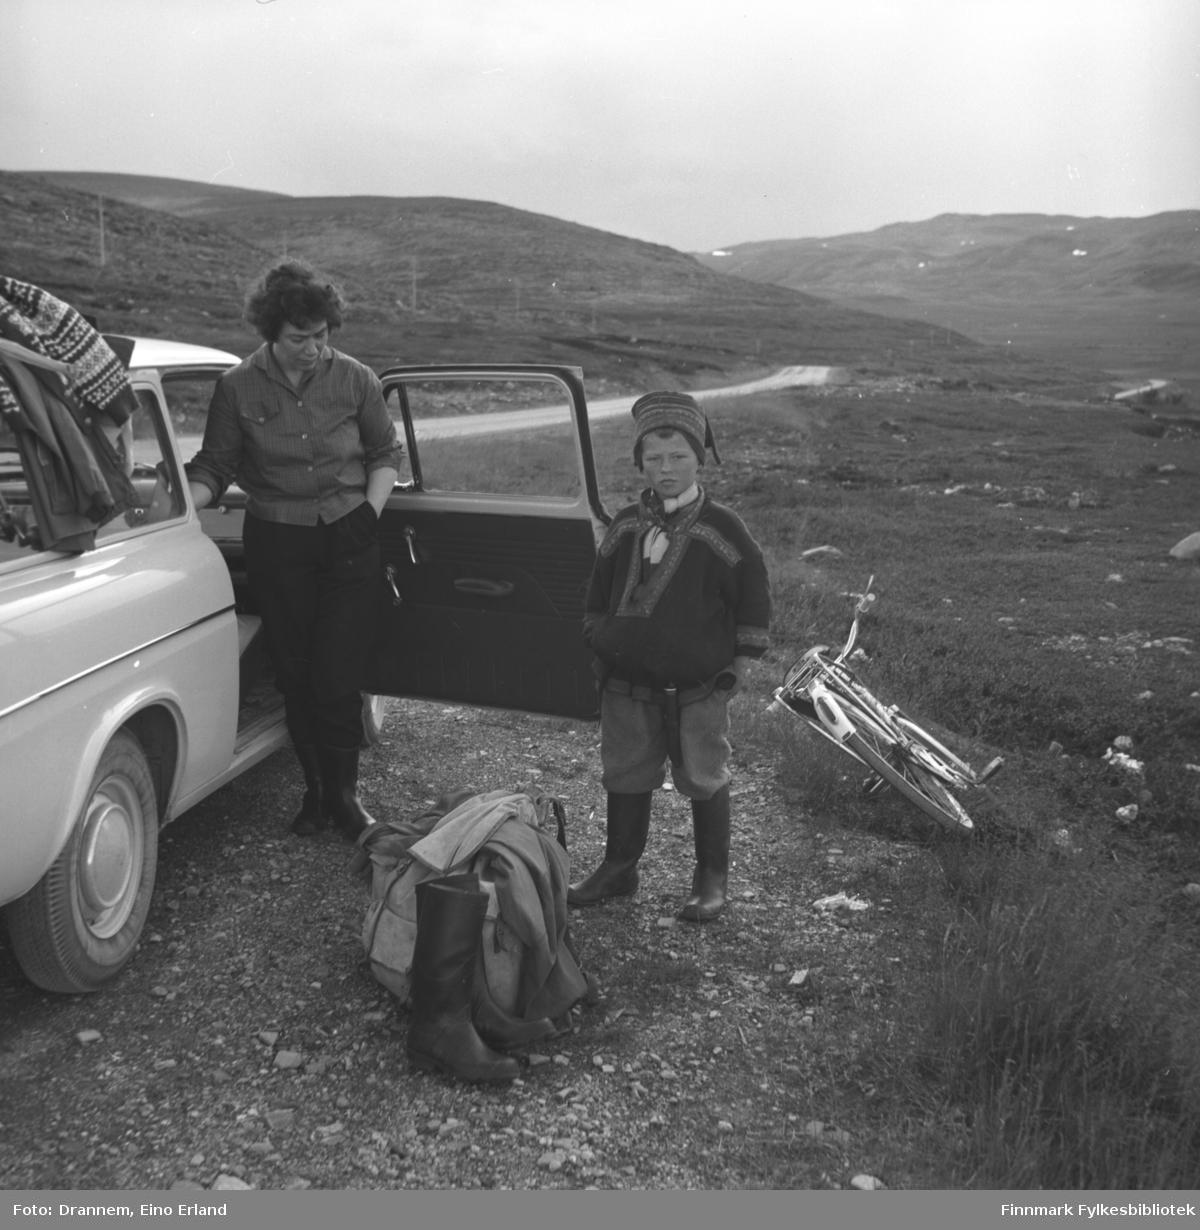 Jenny Drannem står ved siden av familiens bil på Rv98, Ifjordfjellet. En ukjent gutt iført sameklær står ved siden av.